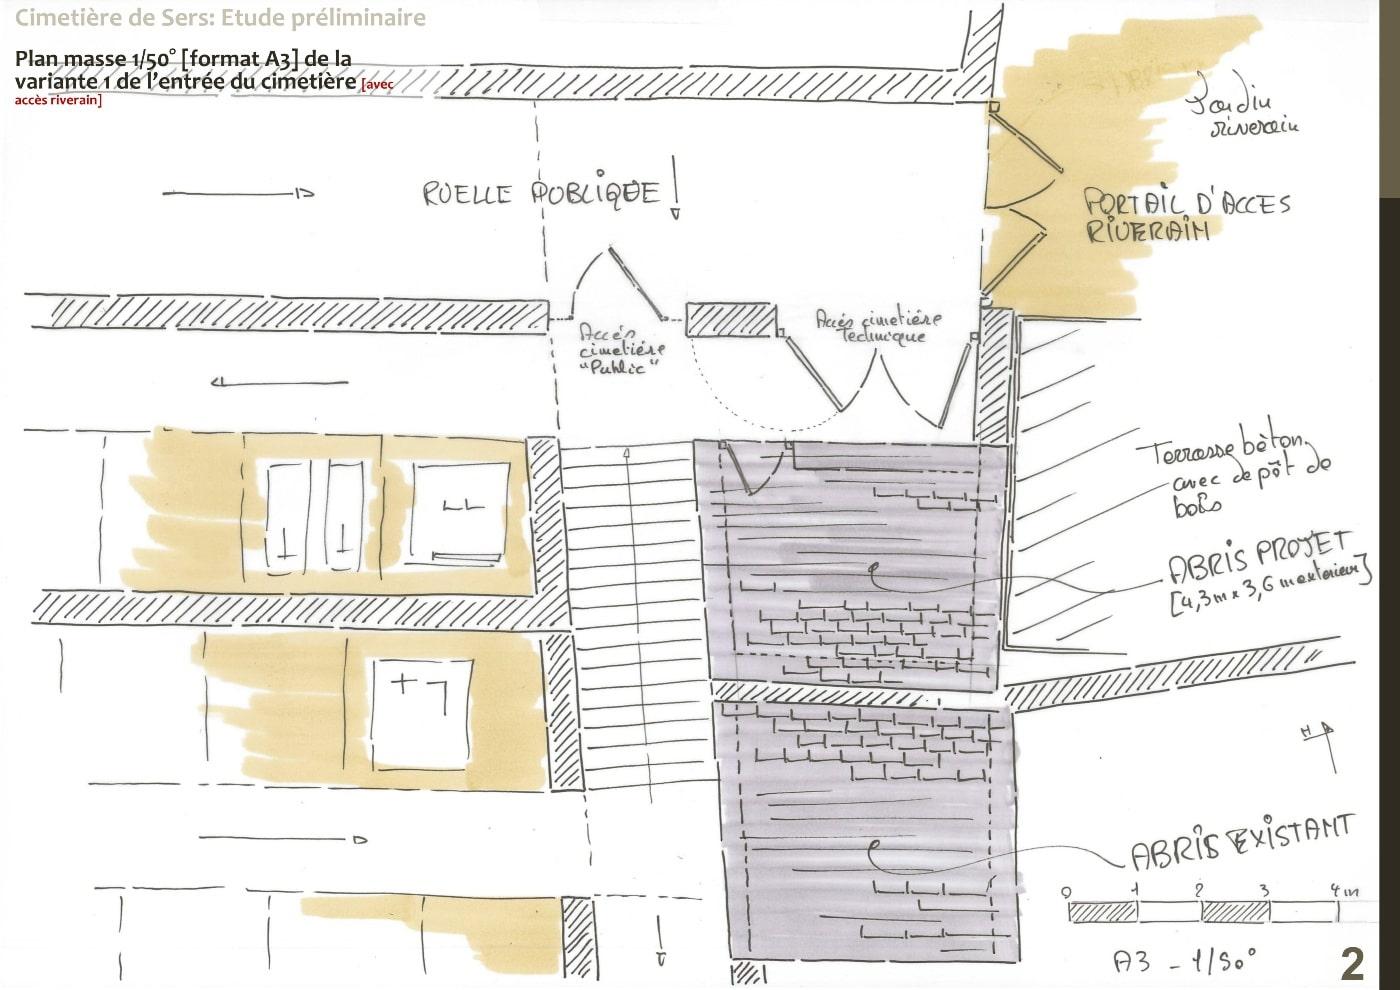 Plan d'esquisse variante 1 entrée nouveau cimetière